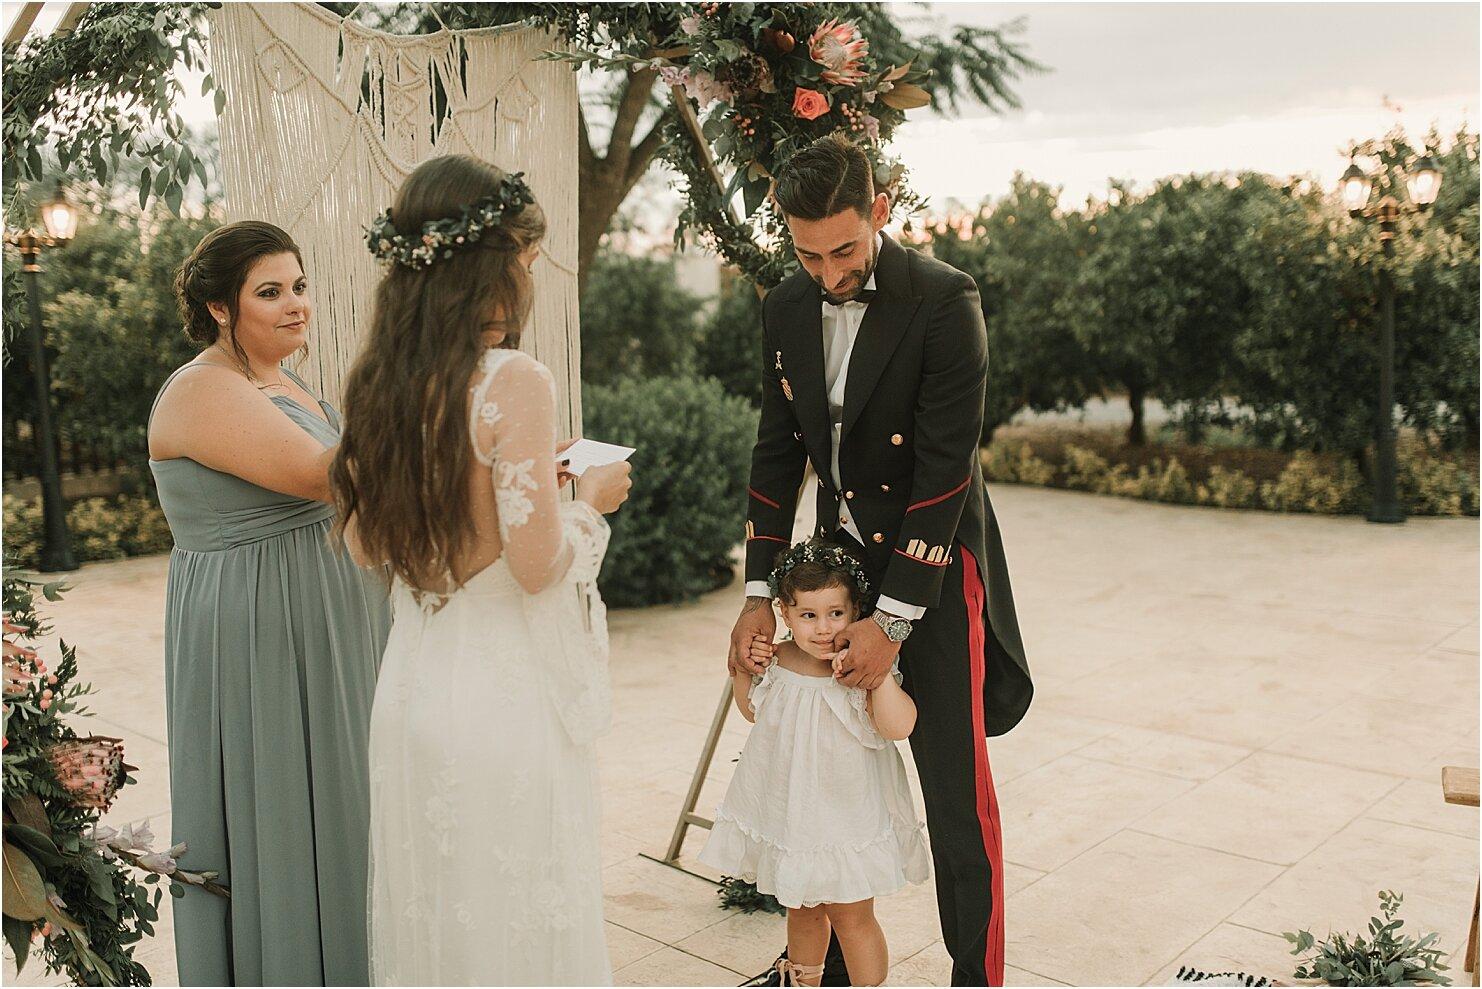 boda-romantica-boda-boho-vestido-de-novia-laura-lomas33.jpg